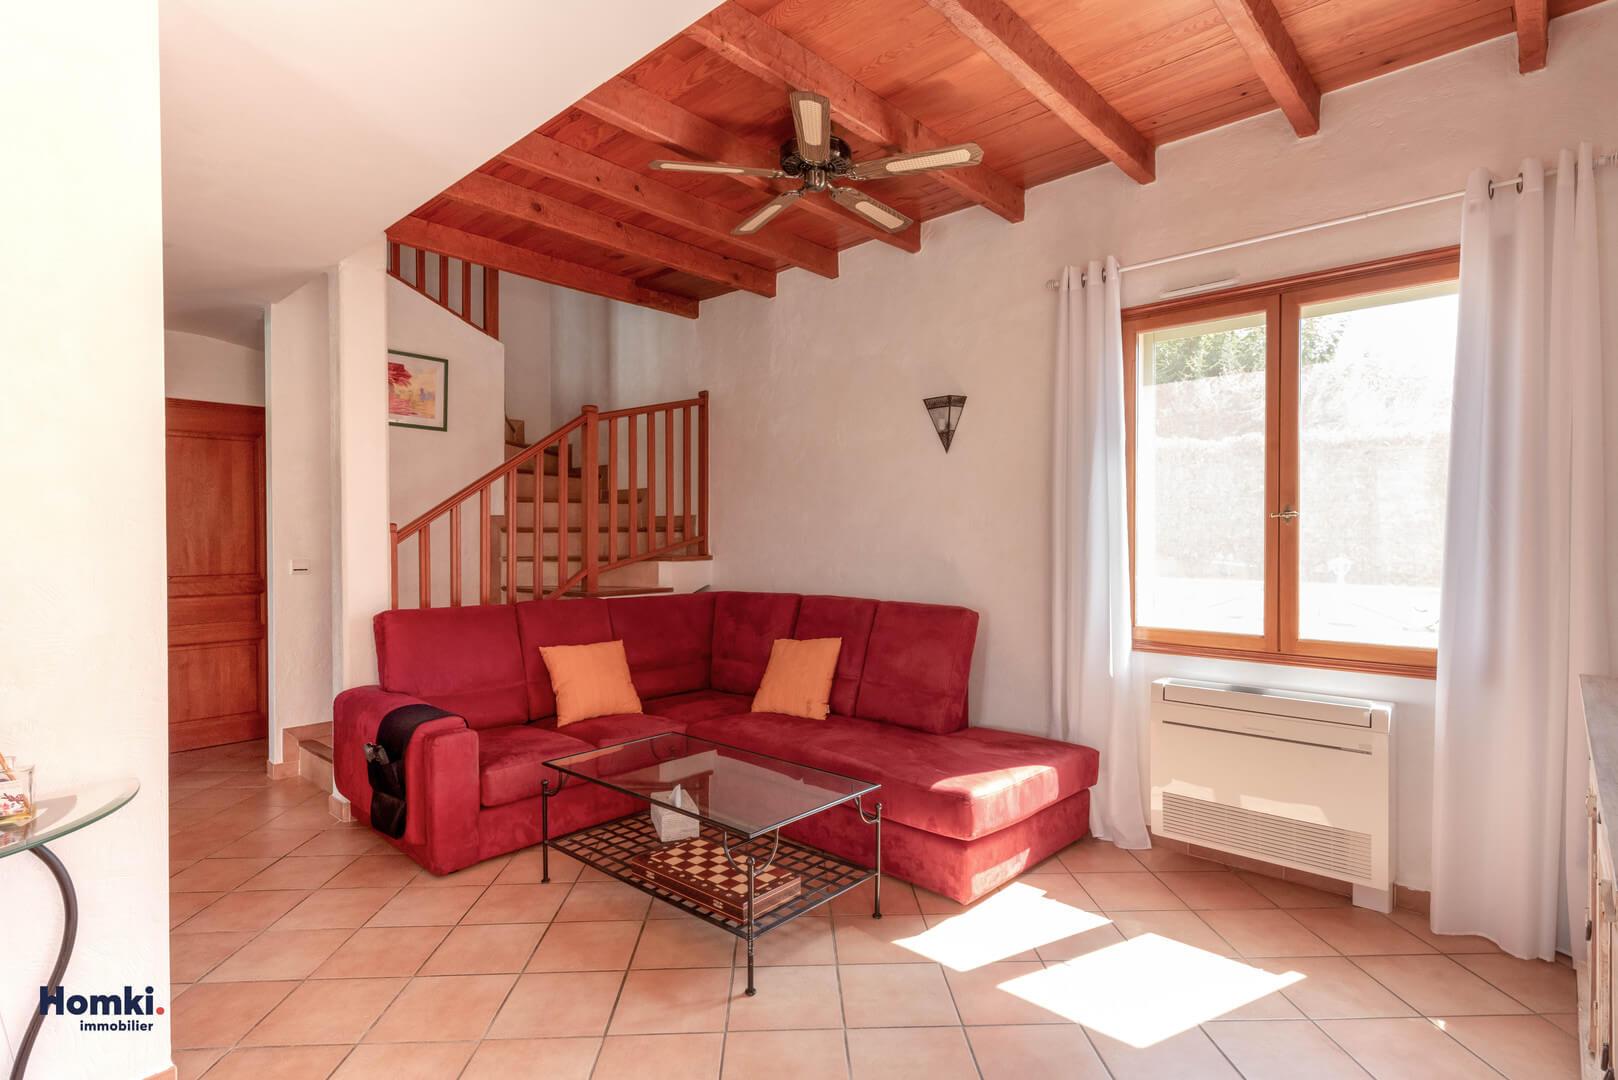 Vente Maison 169 m² T7 06410 Biot_6